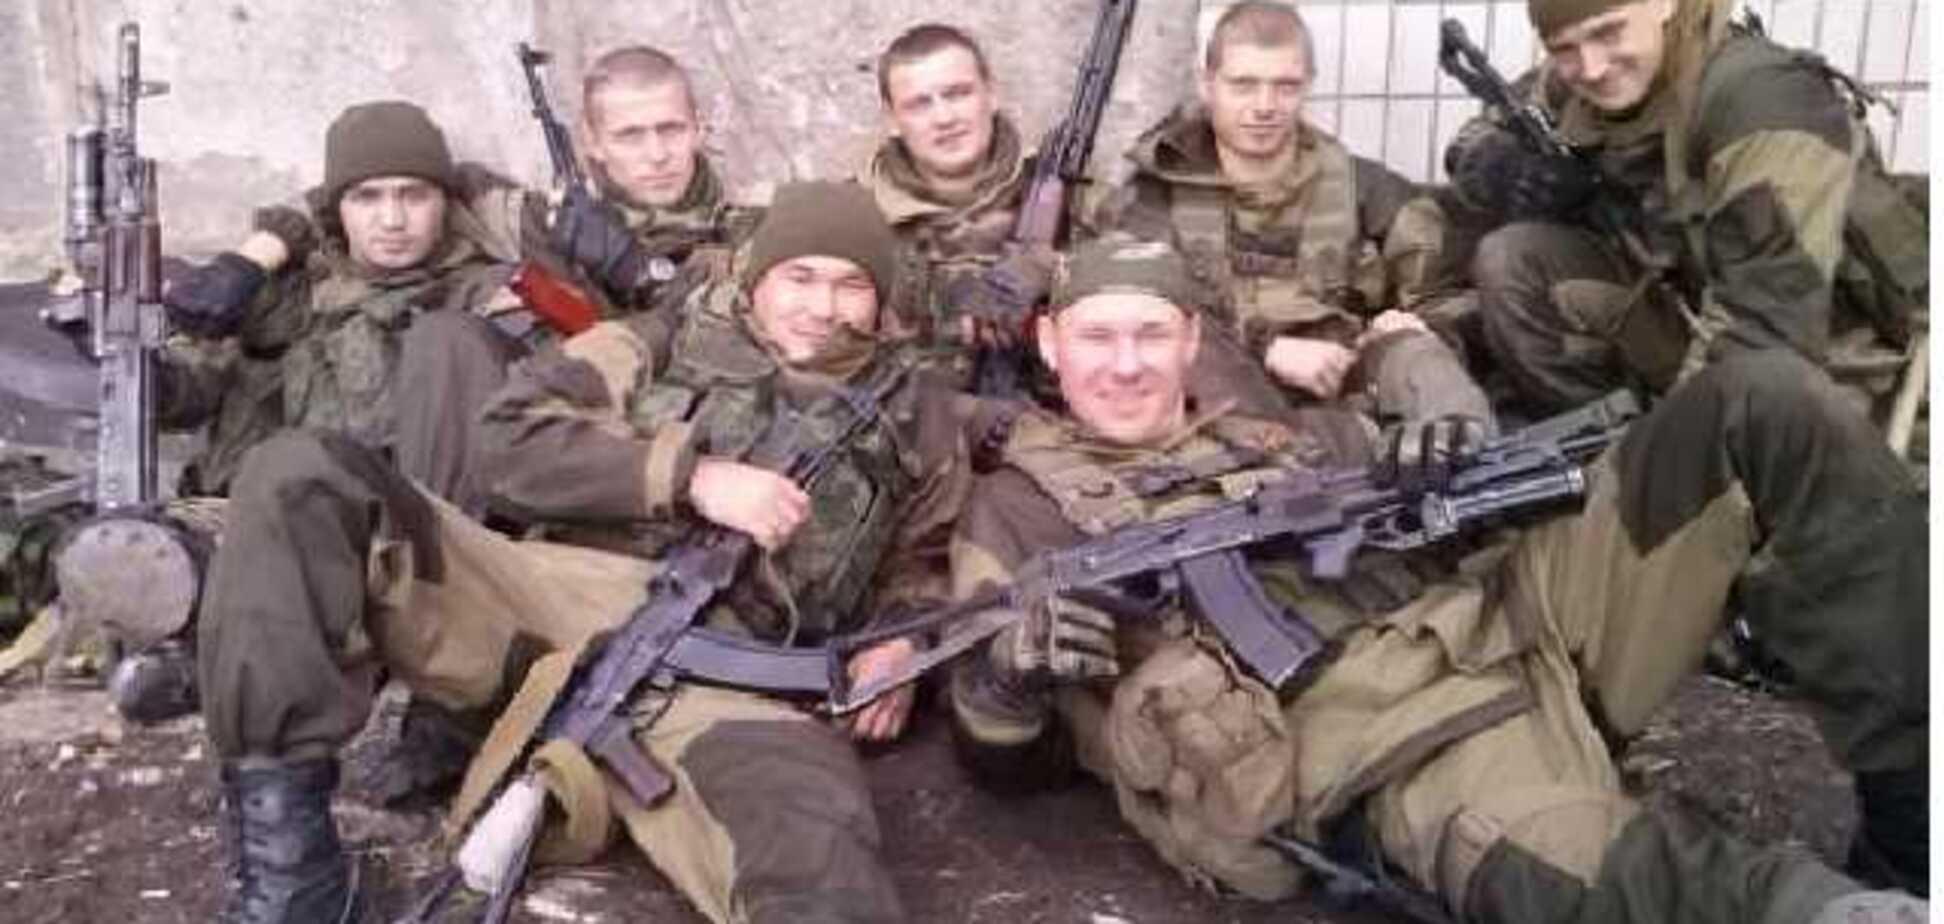 Массовая гибель российских военных, или Что случилось в Сирии